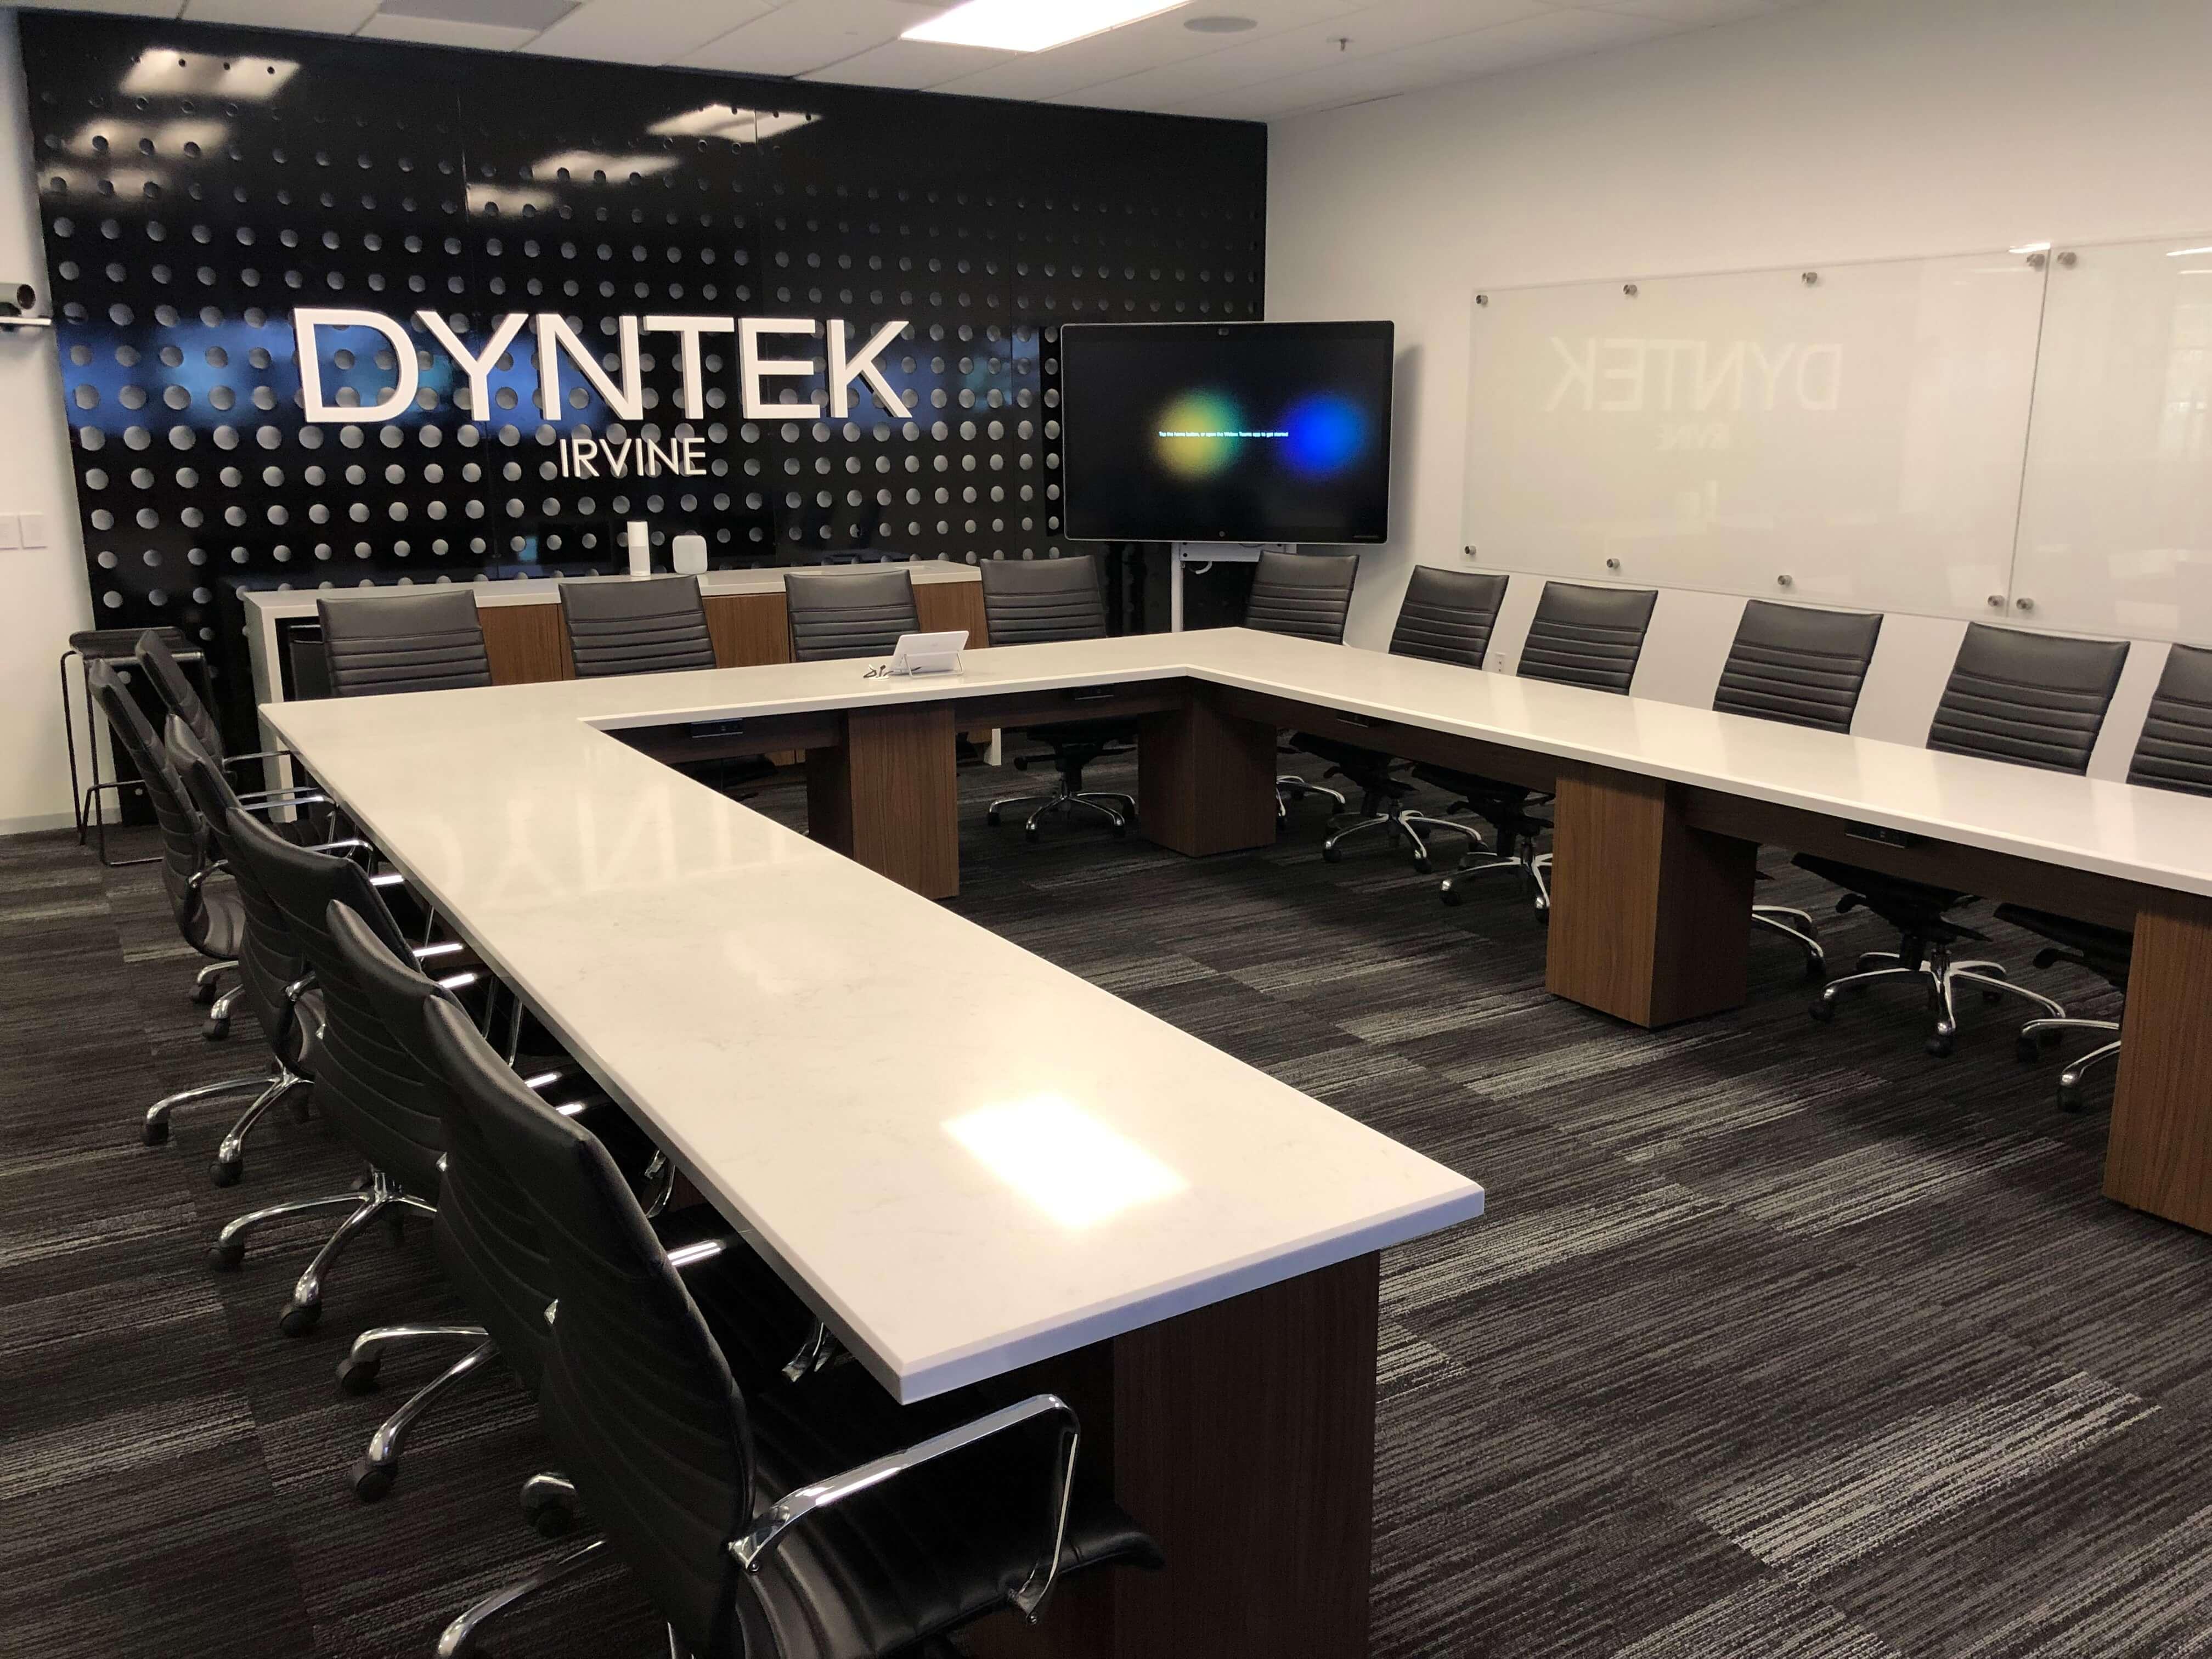 dyntek-office-irvine-2